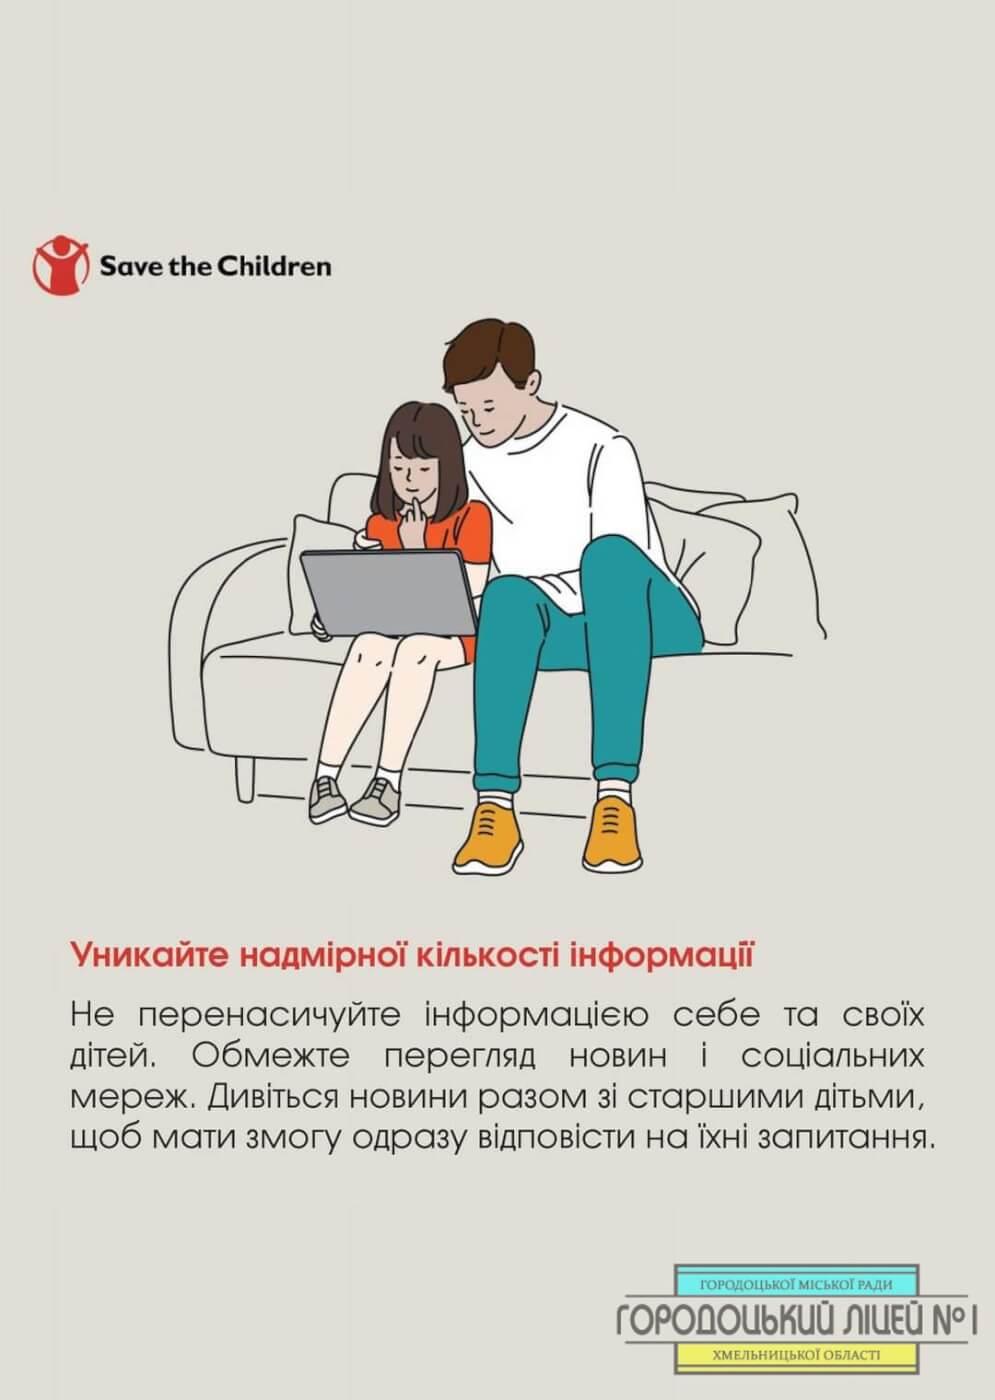 zobrazhennya viber 2021 03 29 11 22 022 - Діти на карантині. Поради для батьків